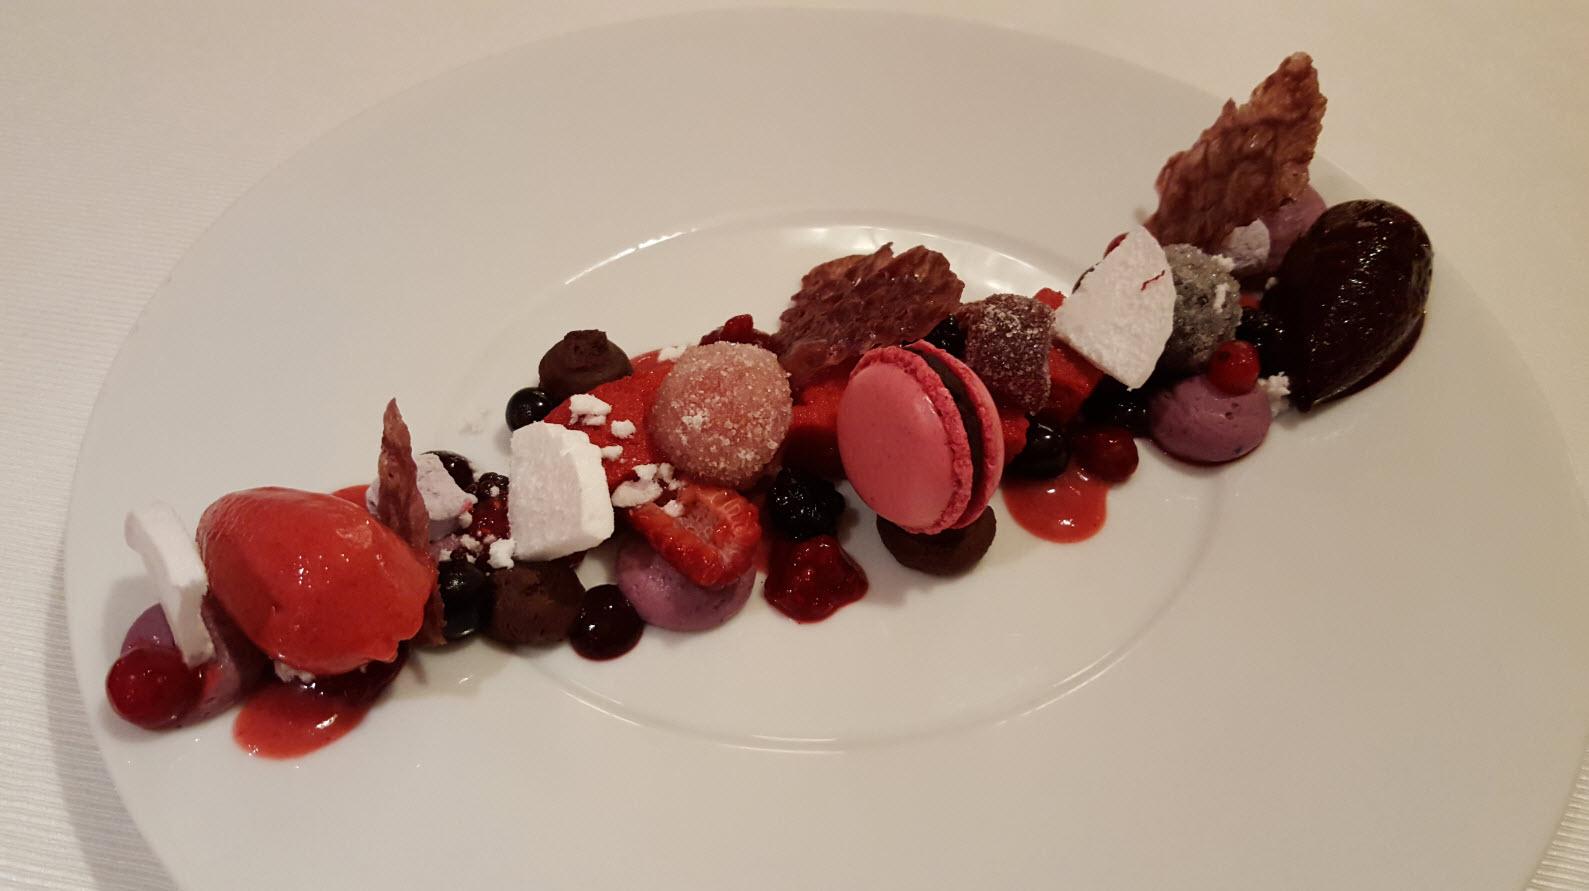 Dessert restaurant Courchevel Moriond